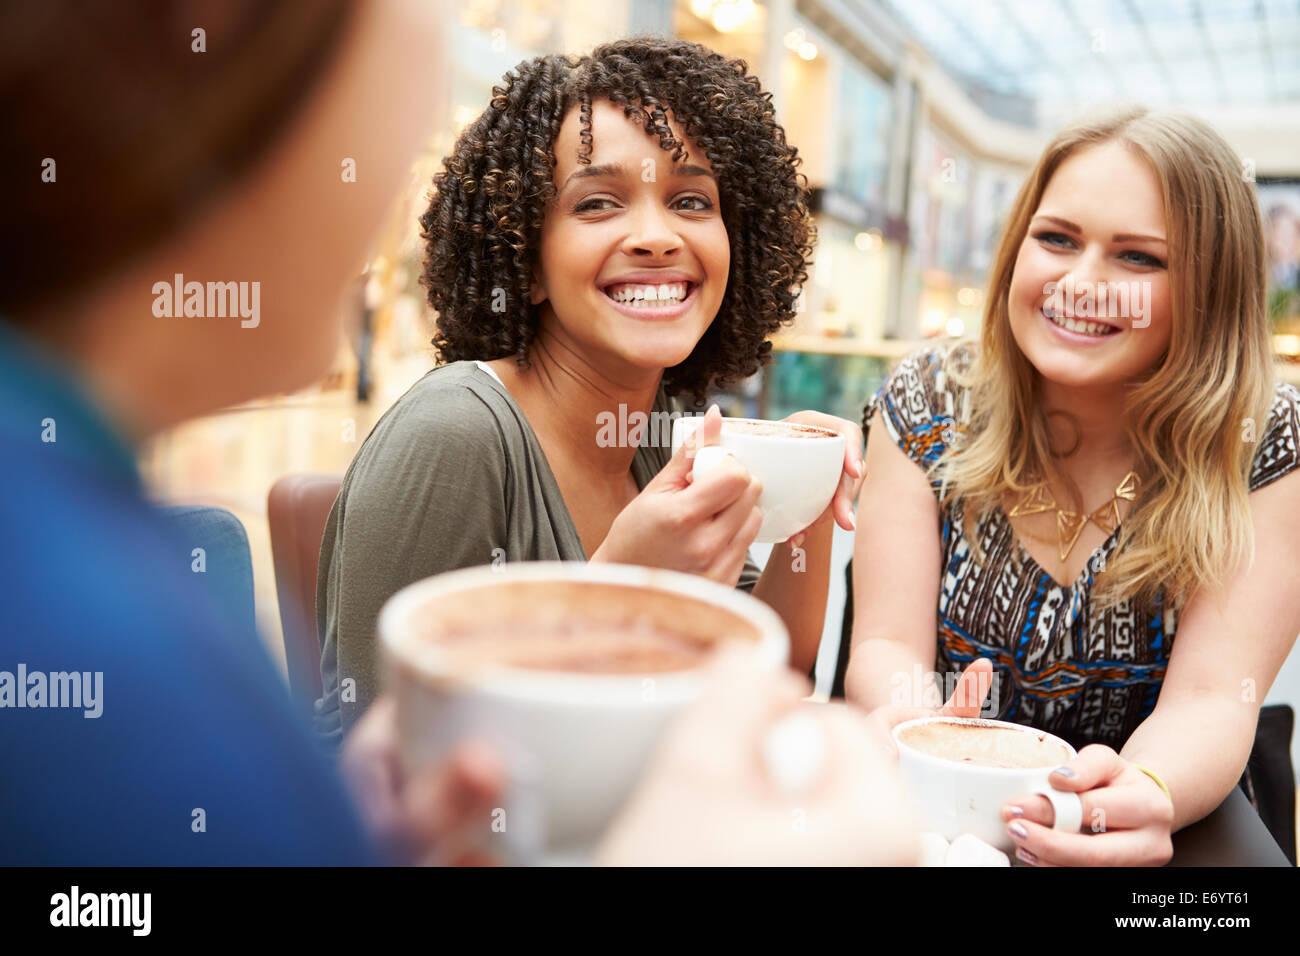 Grupo de amigas jóvenes reunidos en el Café Imagen De Stock